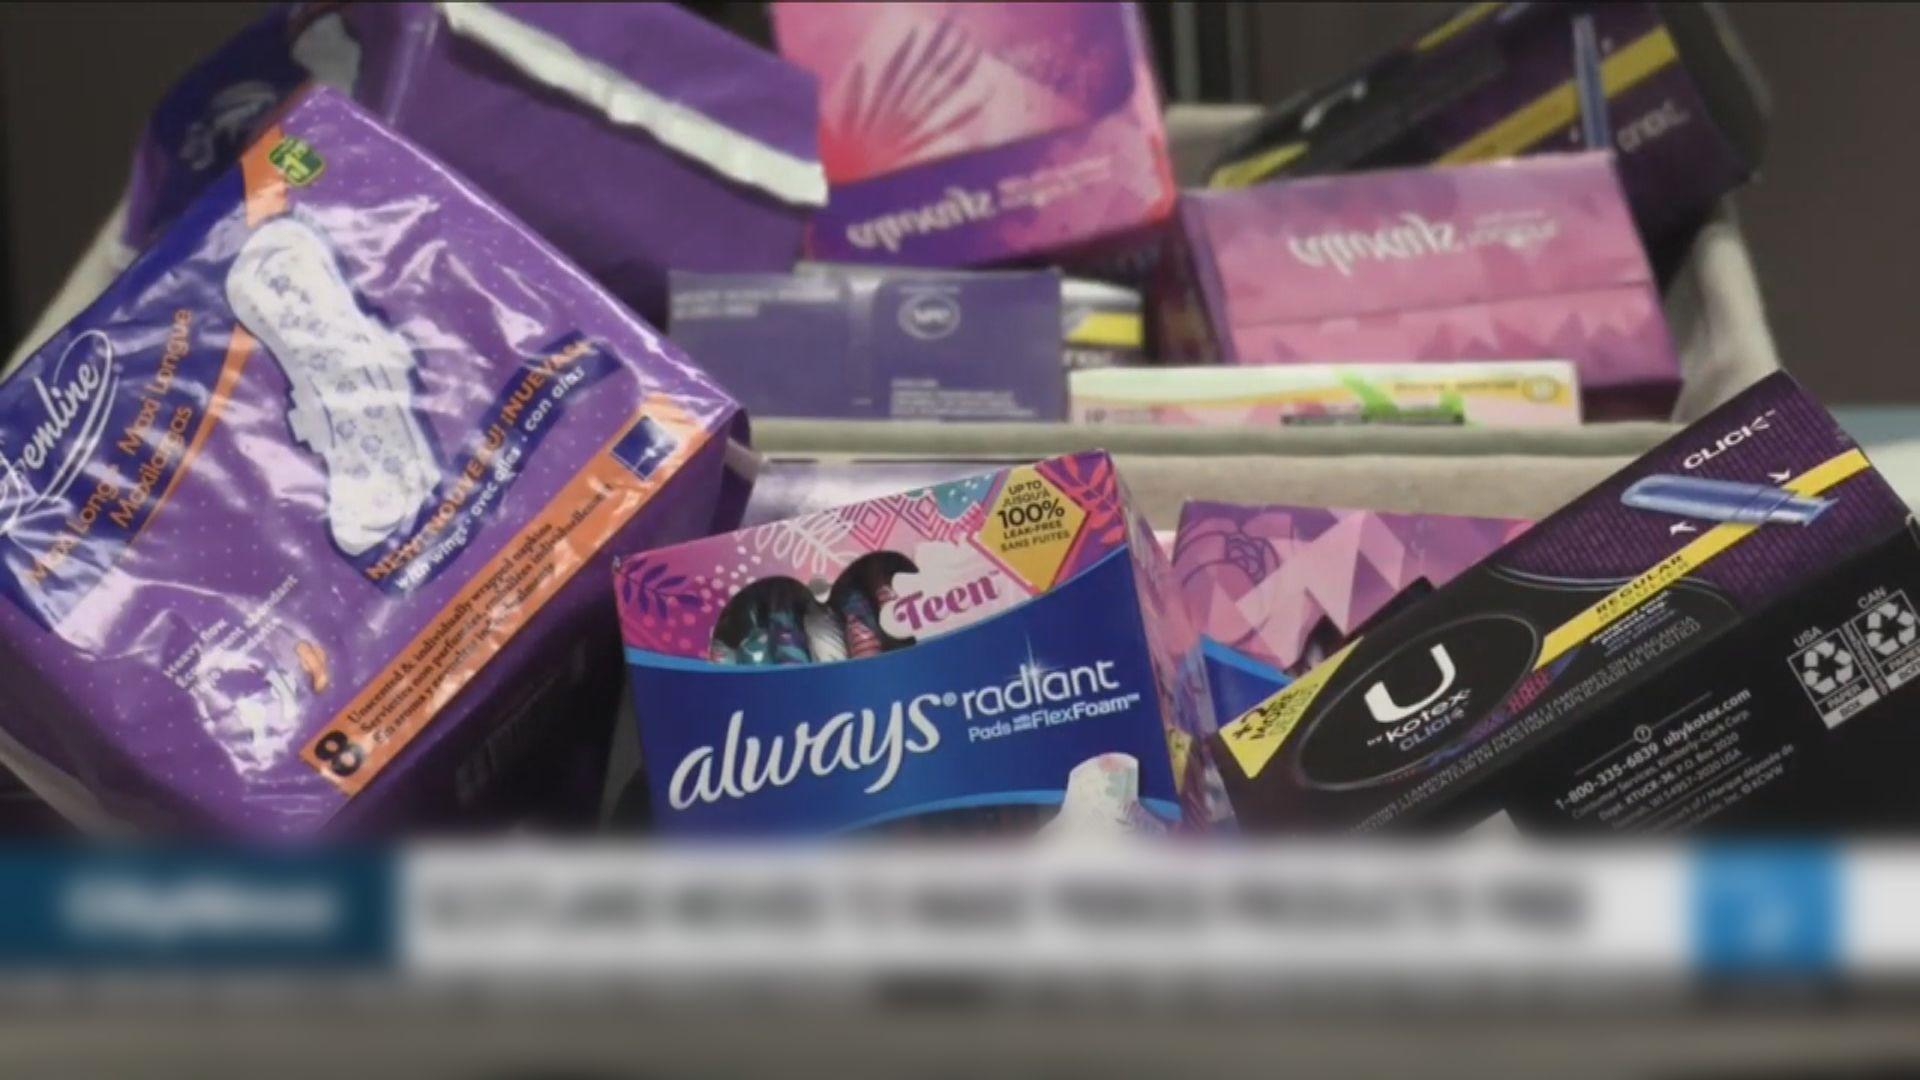 【環球薈報】蘇格蘭成首個免費向女性提供生理用品地方